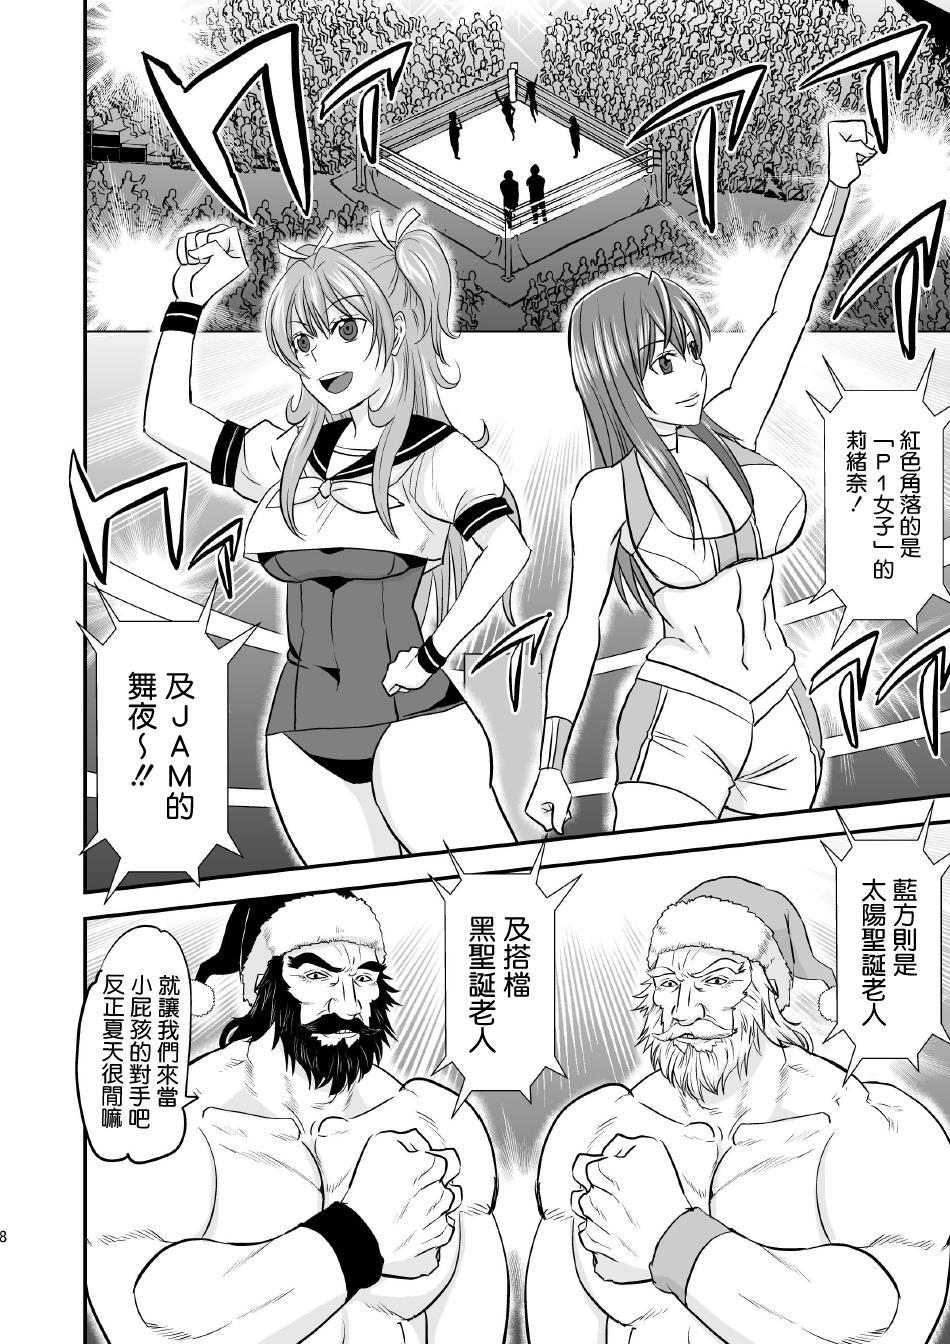 Ochita JK Wrestler 7